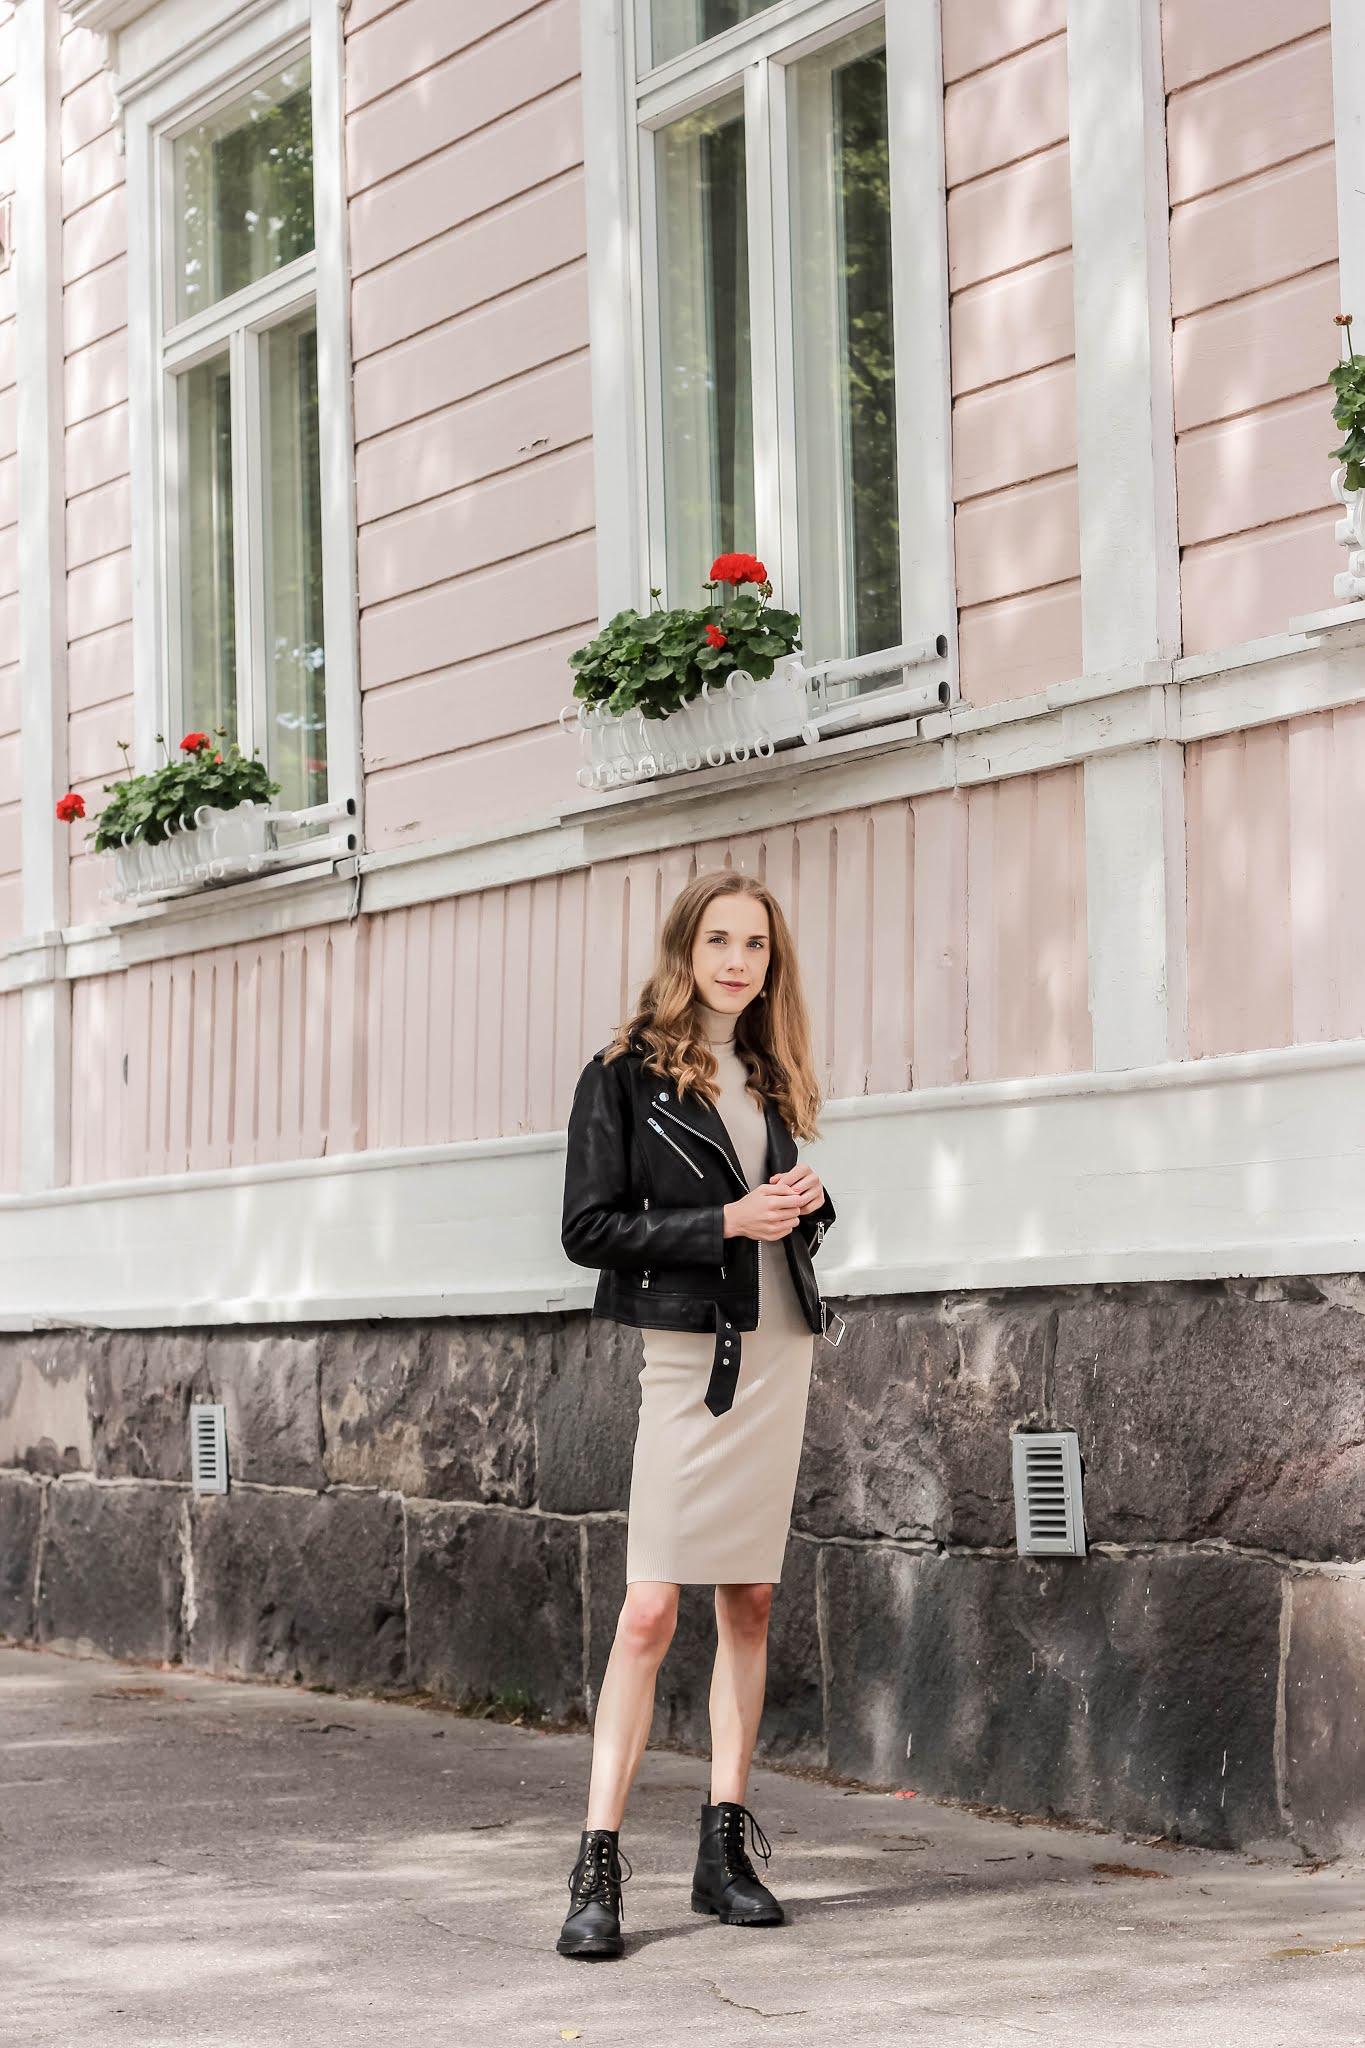 Beige jumper dress and leather jacket outfit - Välikausipukeutuminen kesästä syksyyn, neulemekko ja nahkatakki